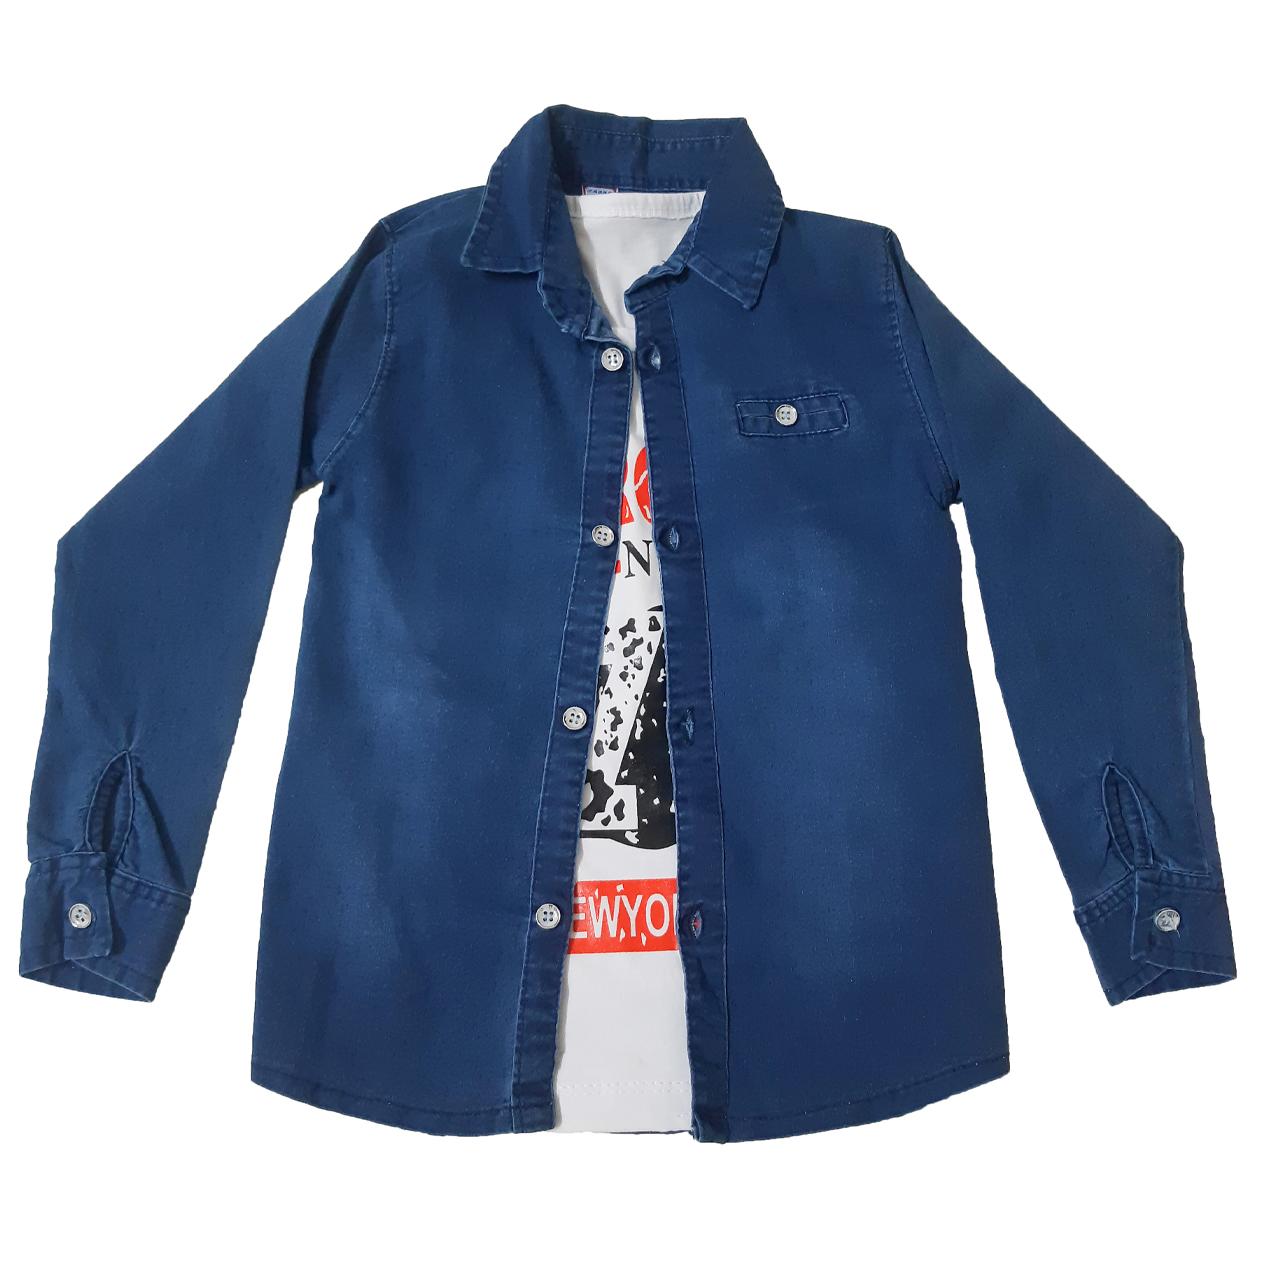 ست تی شرت و پیراهن پسرانه کد 154